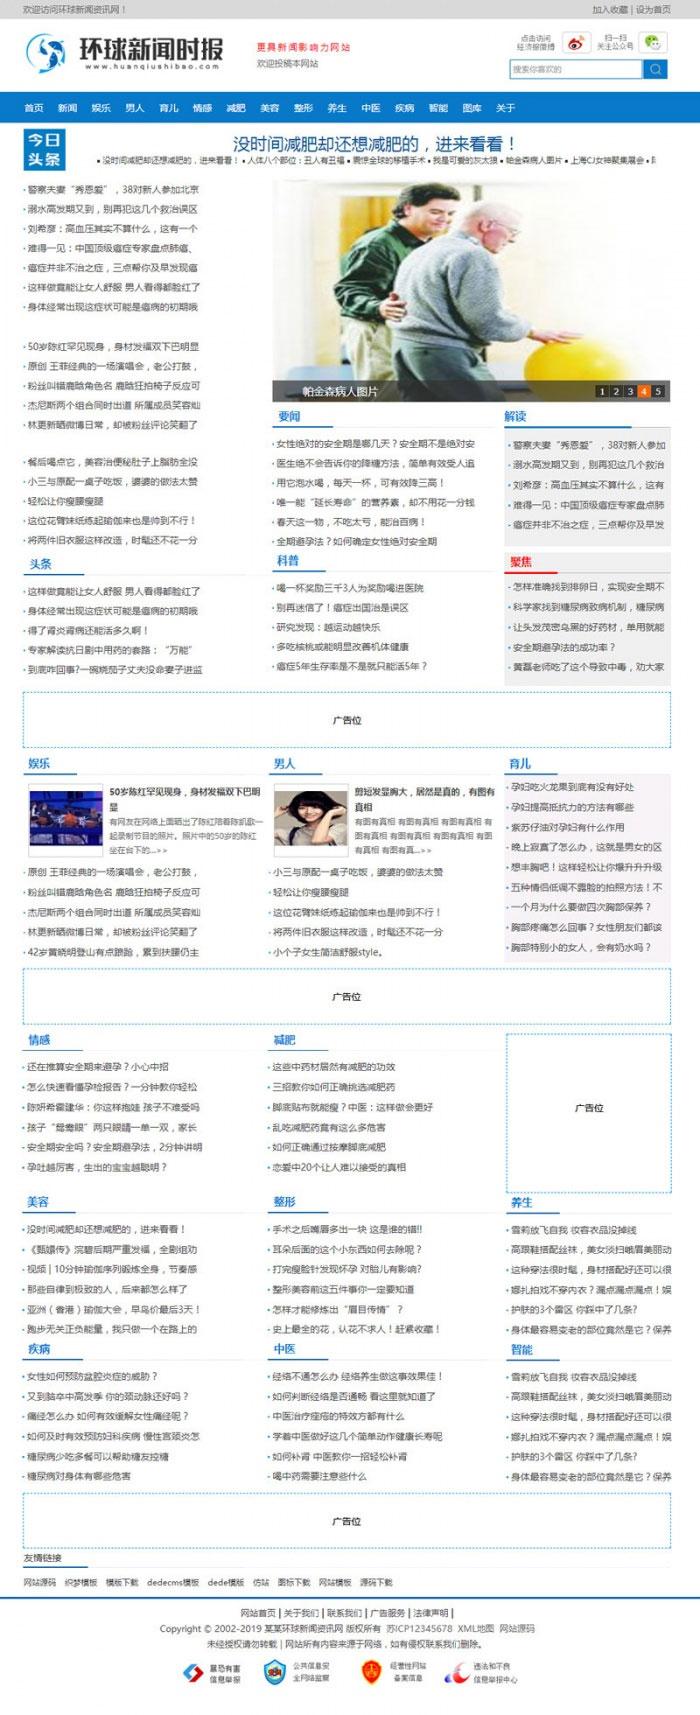 织梦dedecms模板蓝色简洁新闻资讯门户网站模板,PC+WAP端